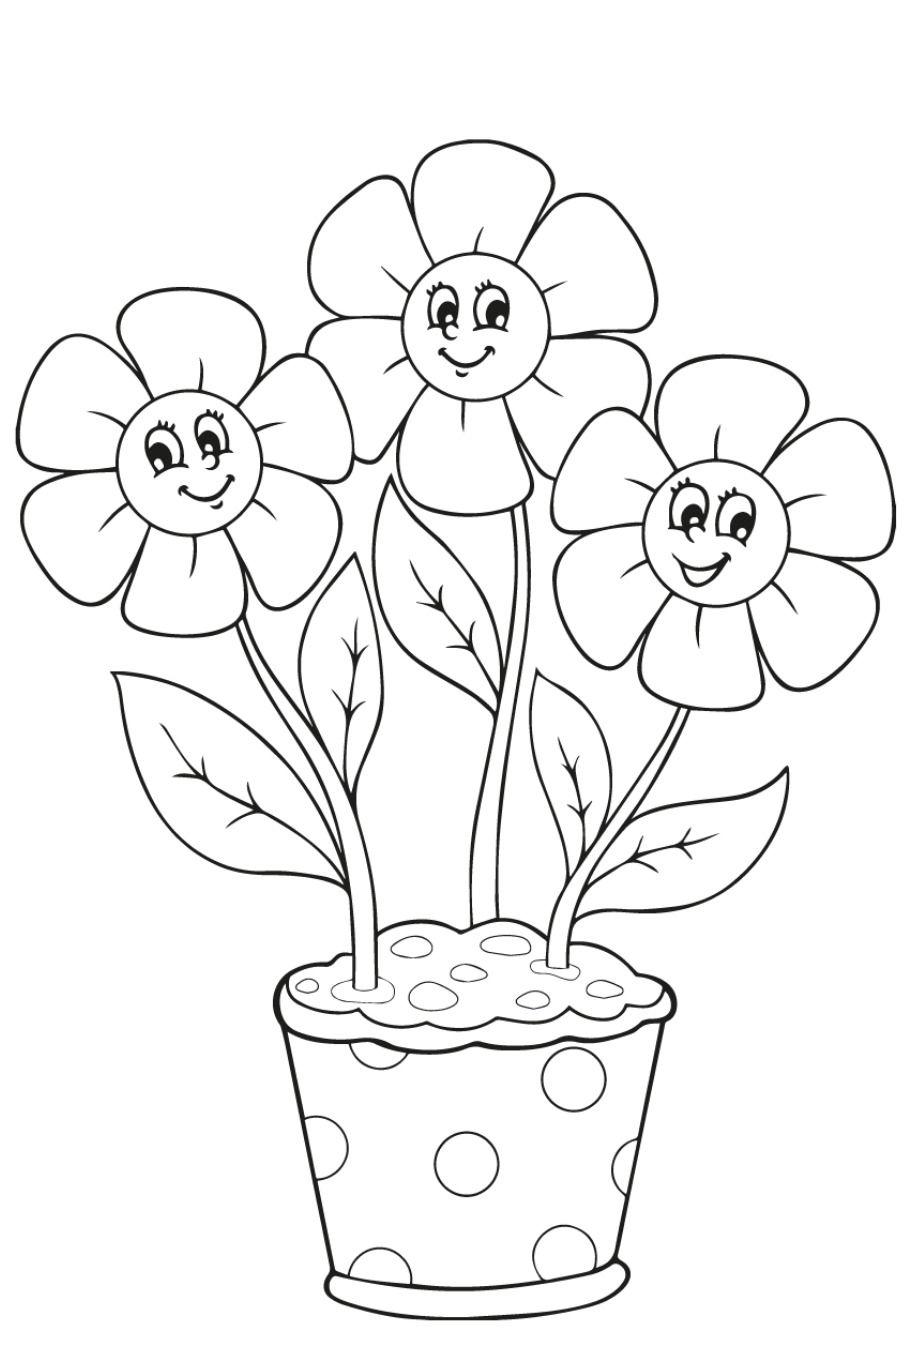 kleurplaat bloemen 26 superleuke gratis kleurplaten